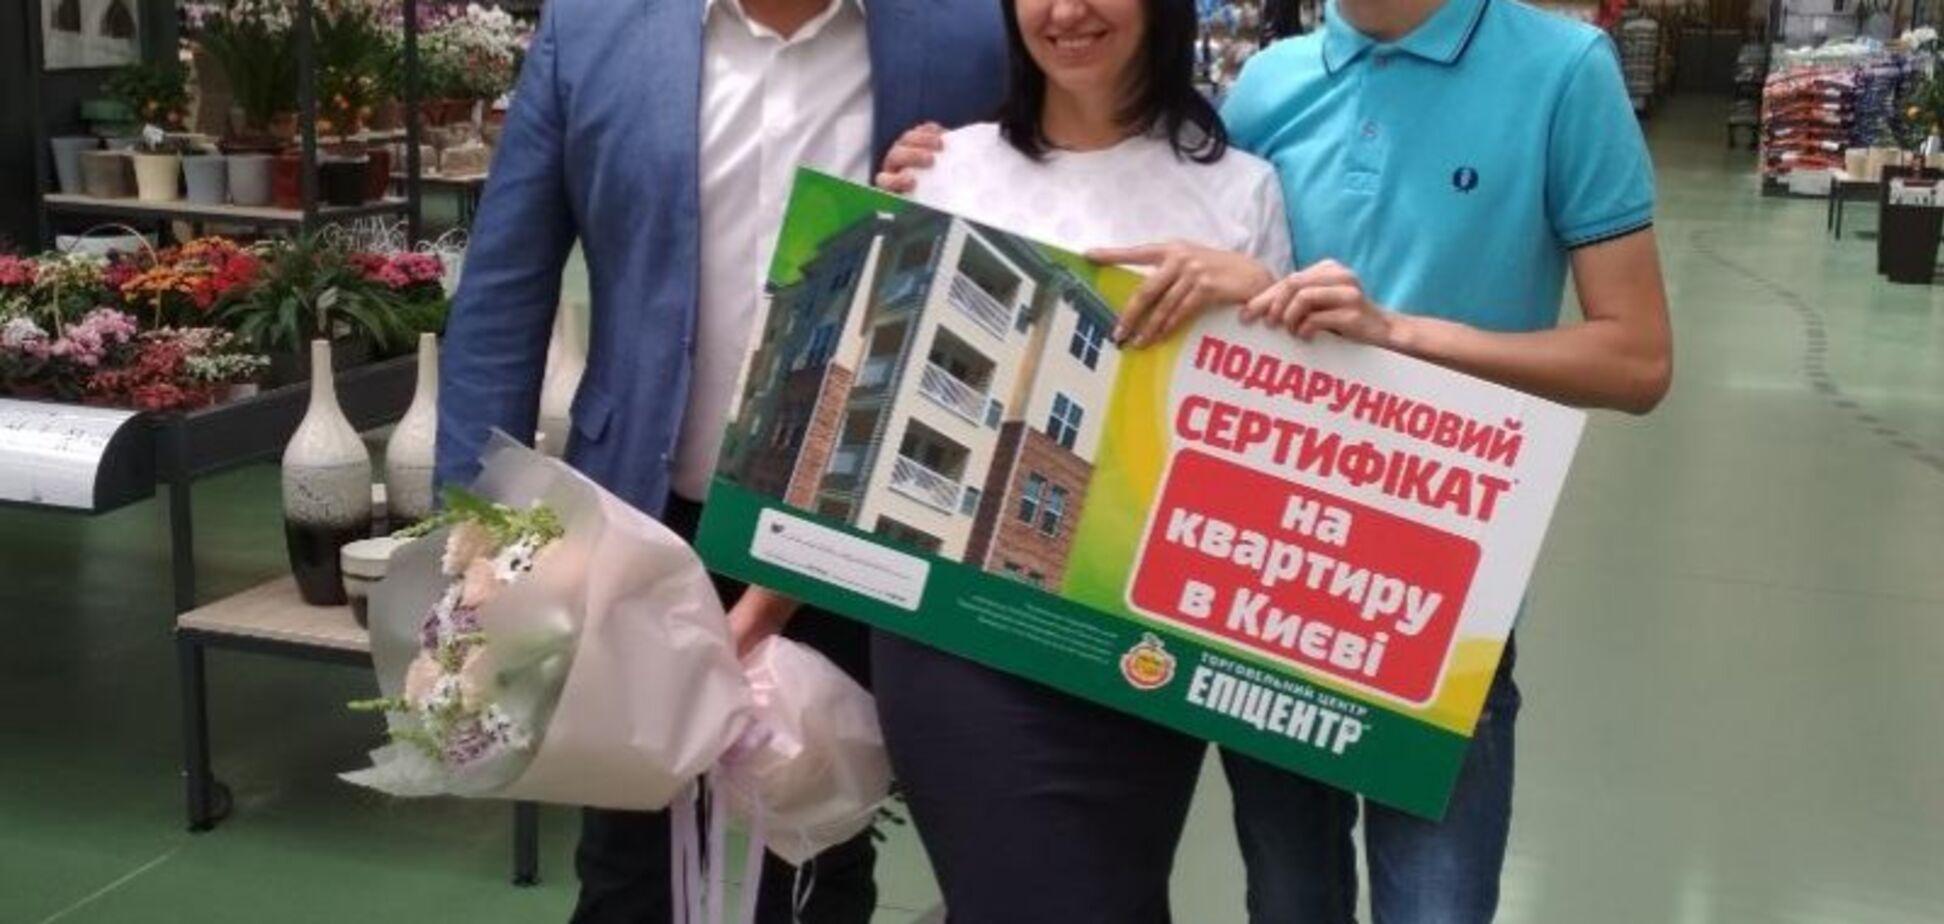 Одеситка виграла квартиру у Києві, яку розігрував 'Епіцентр К'